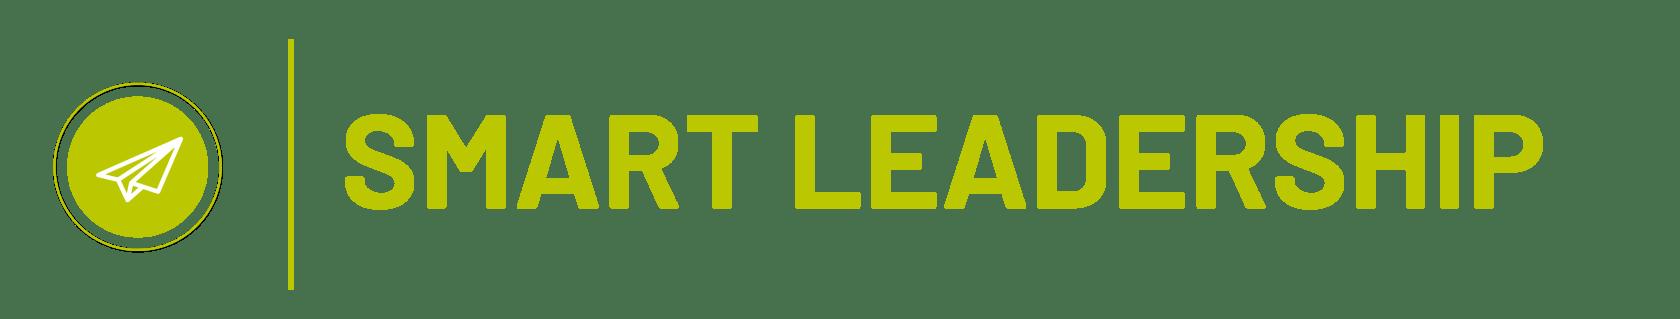 Header SMARTLEADERSHIP cerchio-01